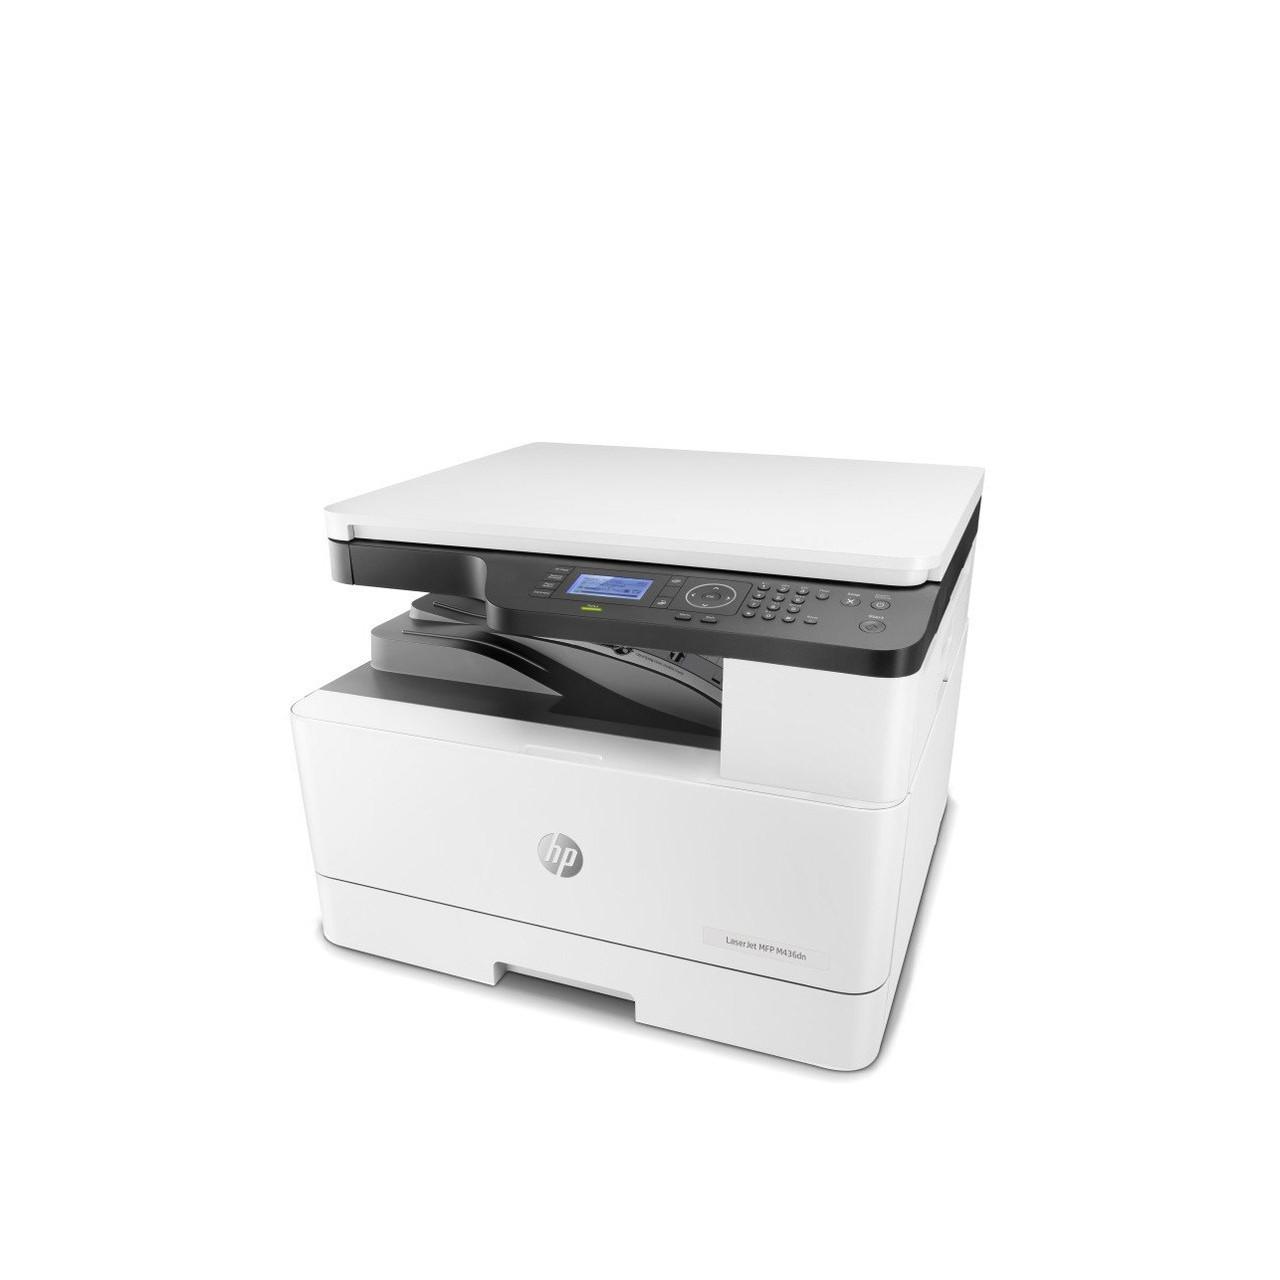 МФУ HP LaserJet M436dn B (Лазерный, А3, Монохромный (черно - белый), USB, Планшетный) 2KY38A